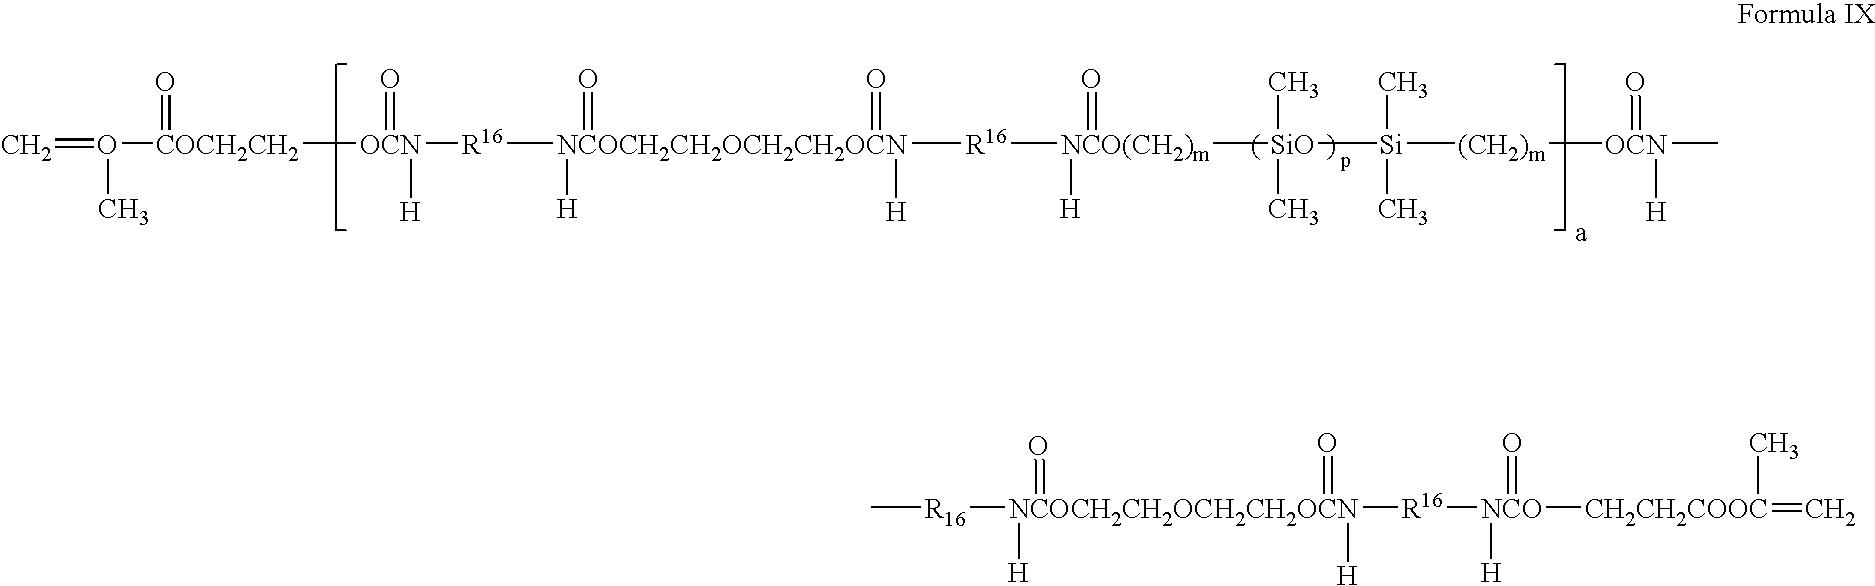 Figure US07461937-20081209-C00010